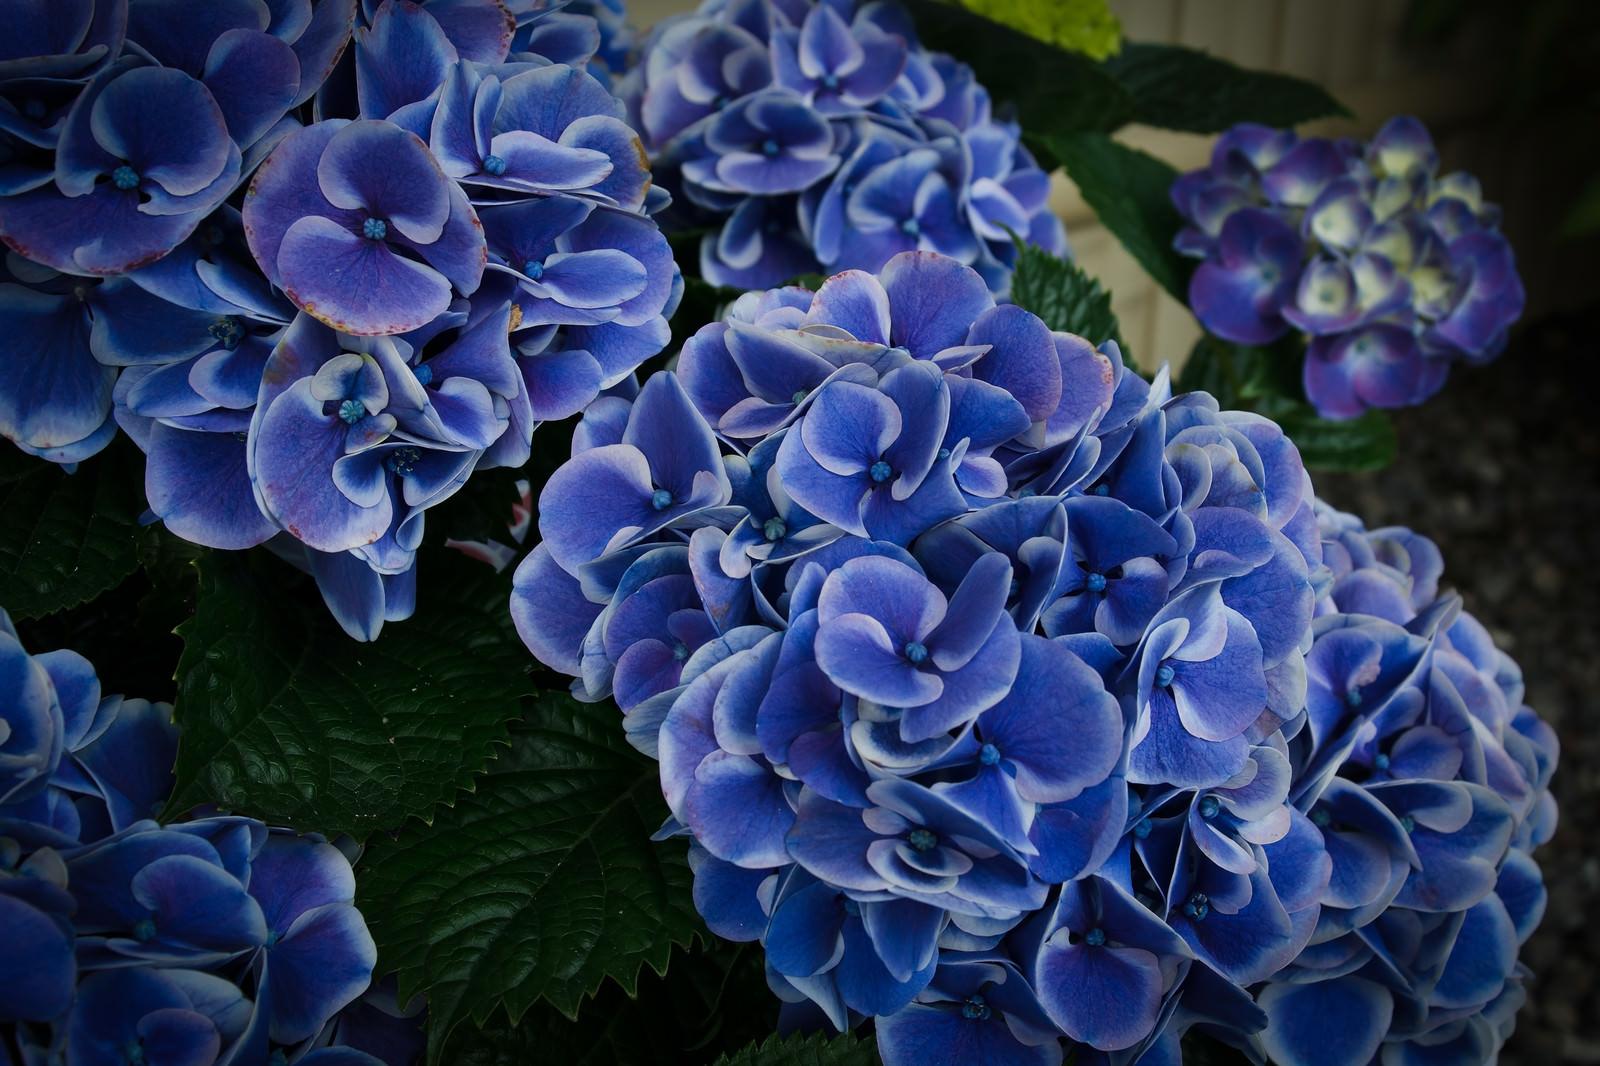 「痛んだ花びらと紫陽花の花房(スターラインマース)」の写真